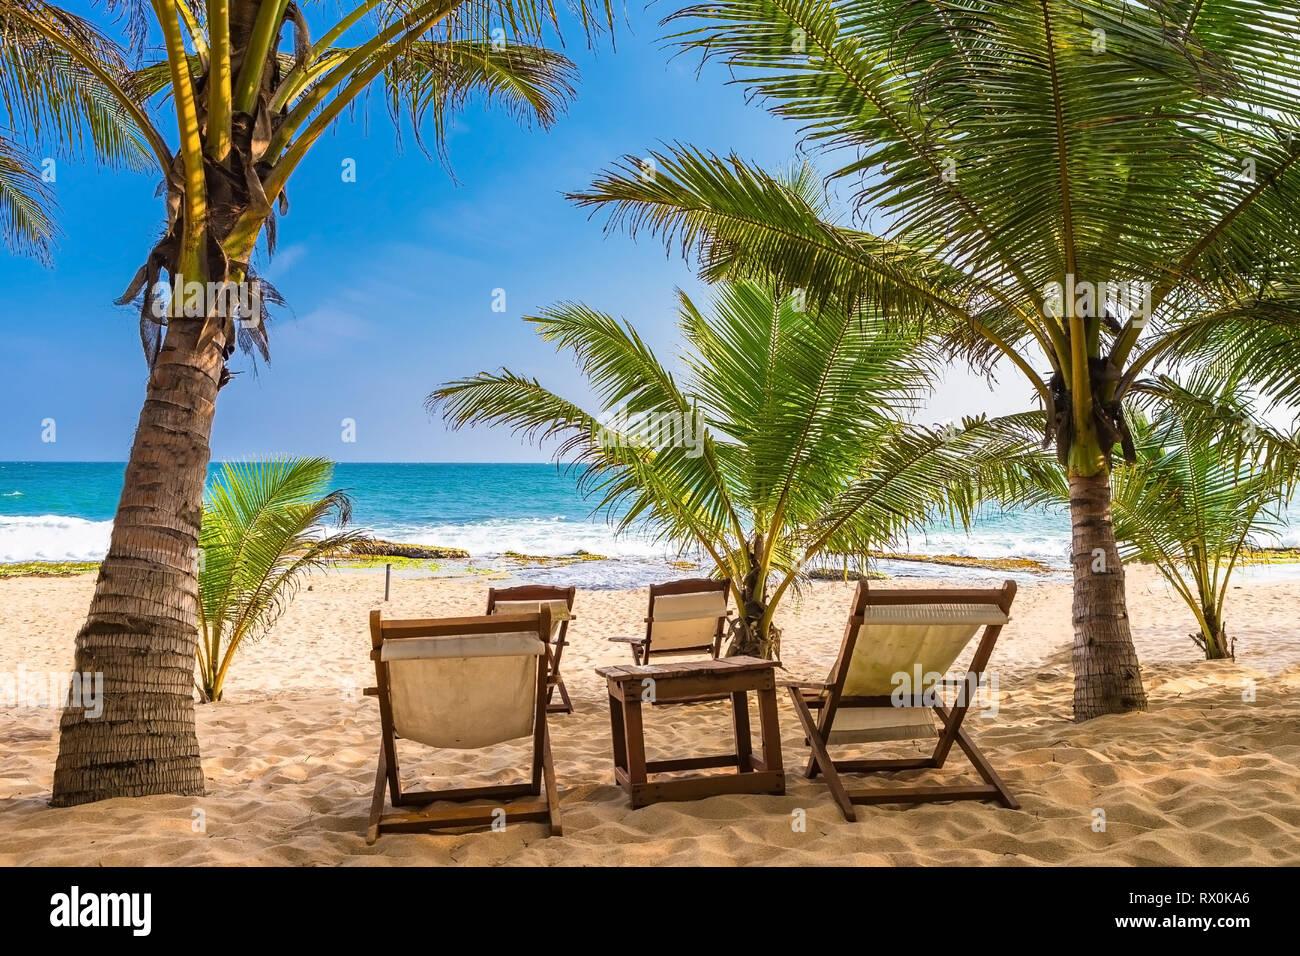 Tangalle beach. Sri Lanka. Stock Photo